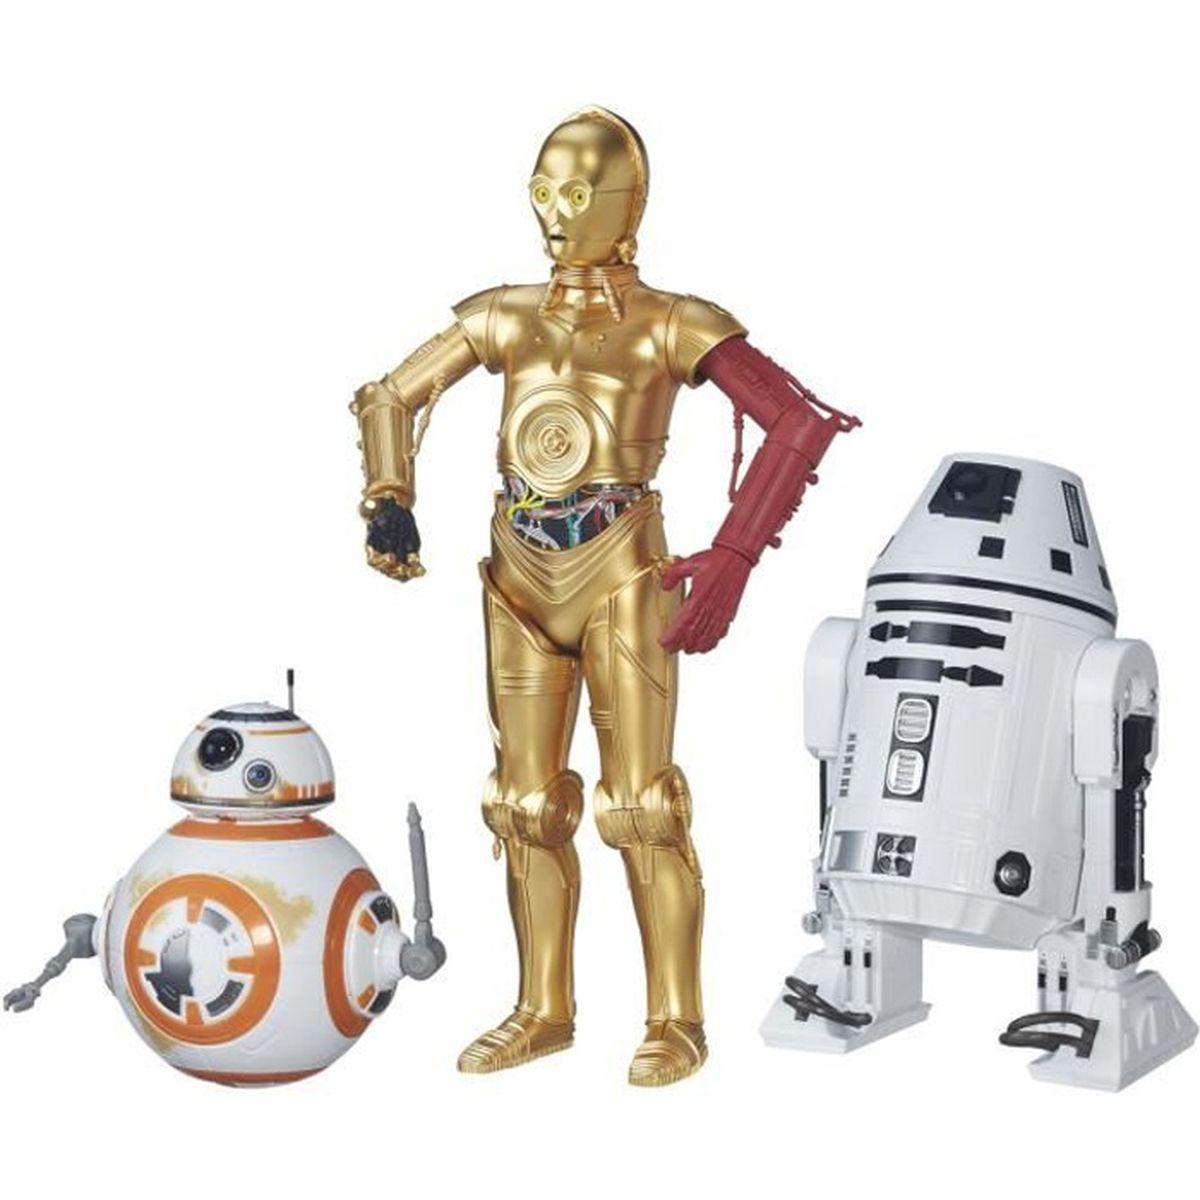 Star wars coffret 3 dro ds achat vente robot animal anim cdiscount - Robot blanc star wars ...